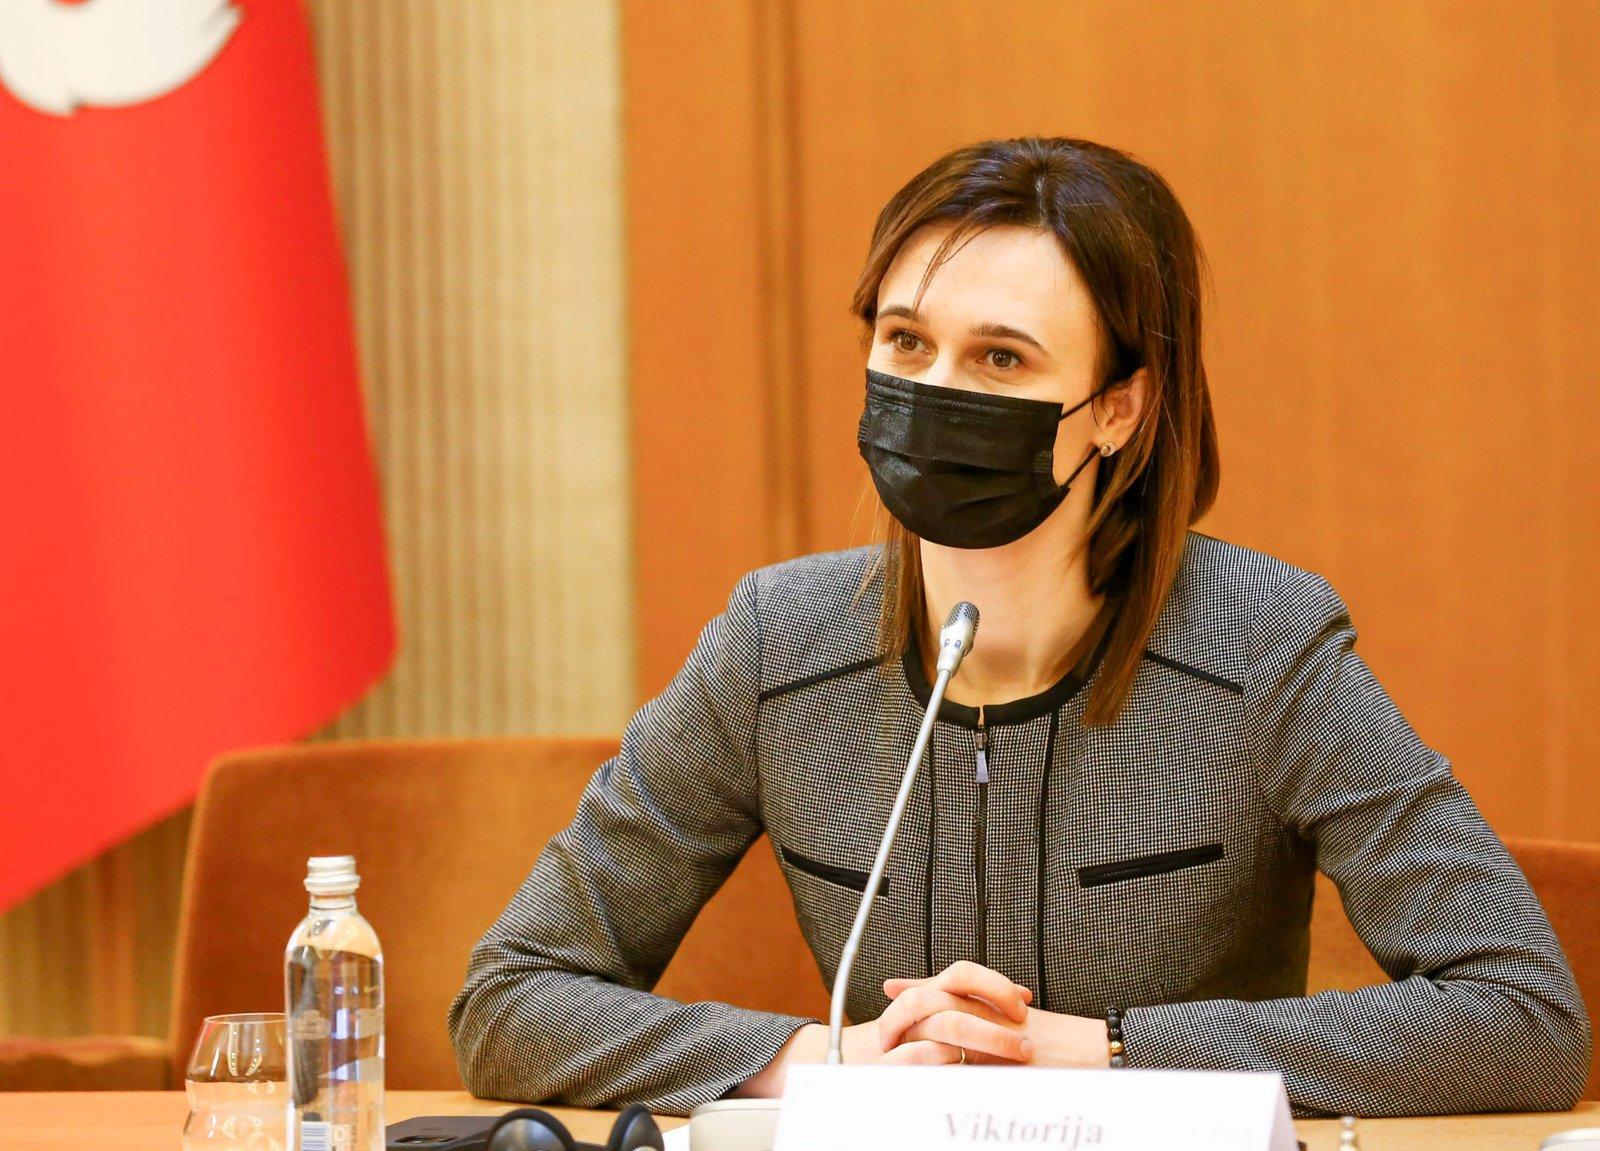 V. Čmilytė-Nielsen apie protestą prie Seimo: jie tai daro mažomis grupelėmis, viskas yra tvarkoje